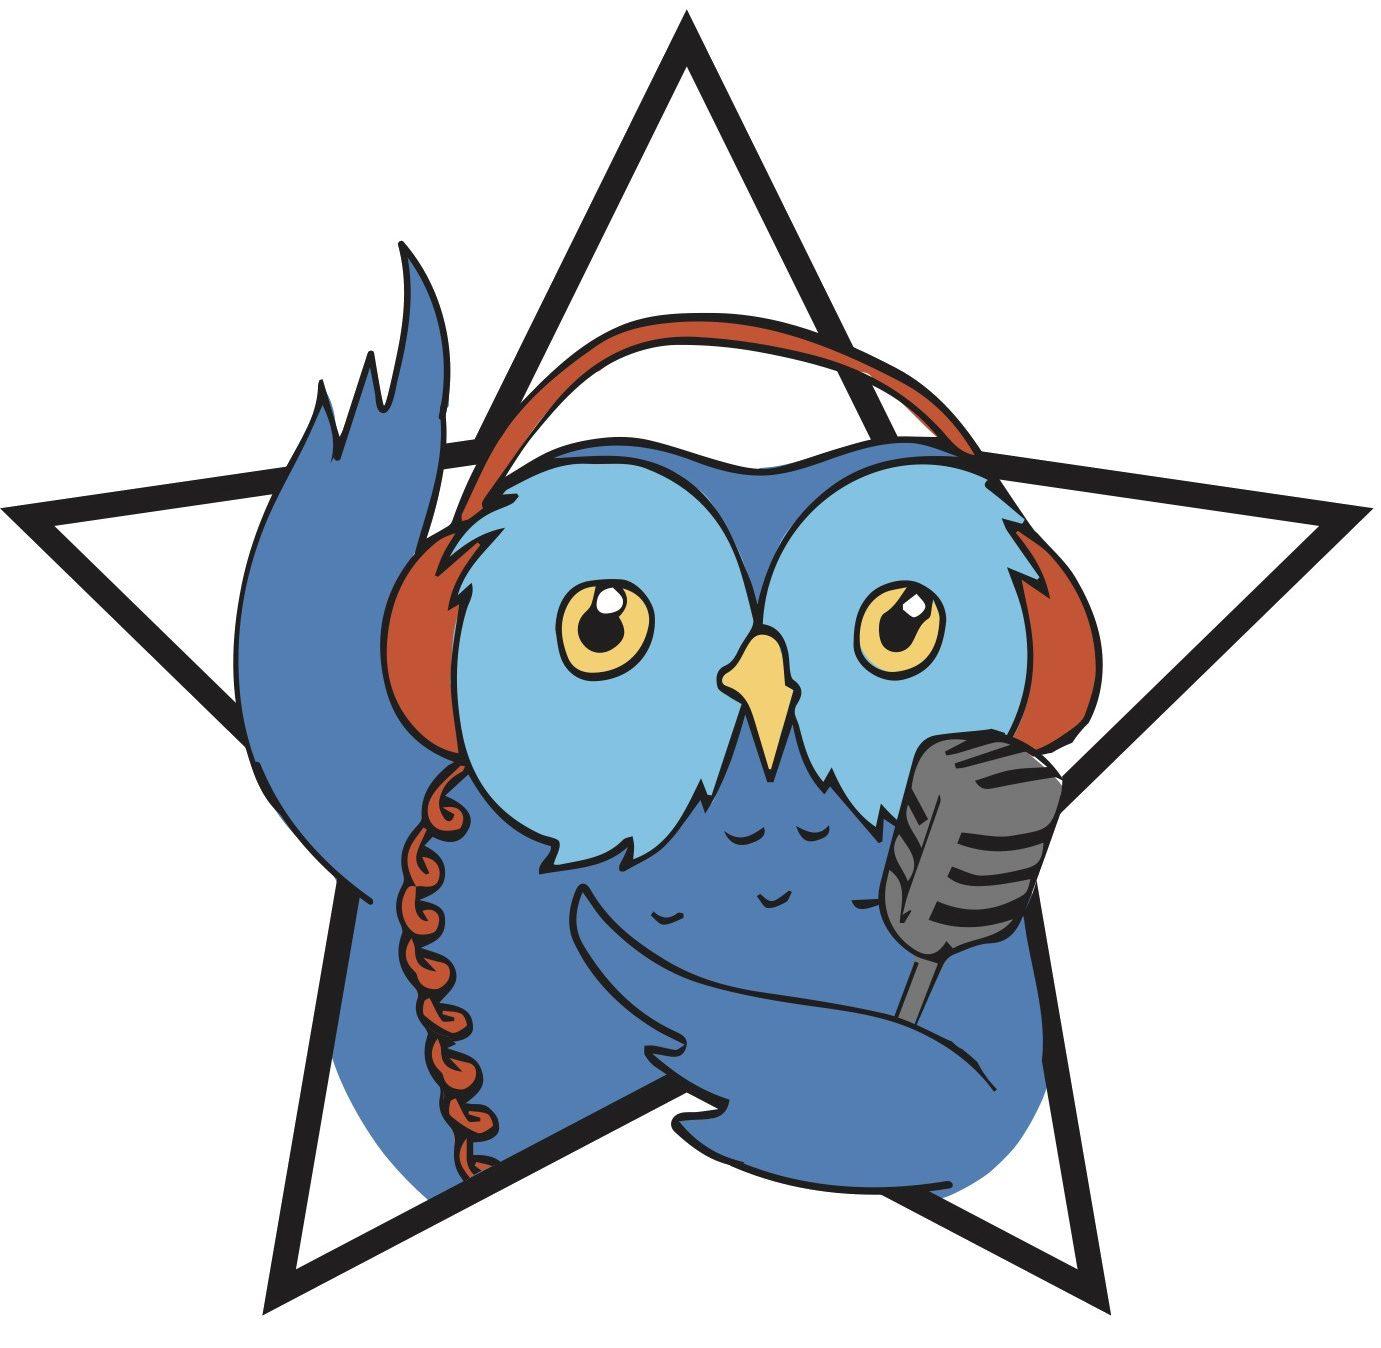 * Owl Star Media *